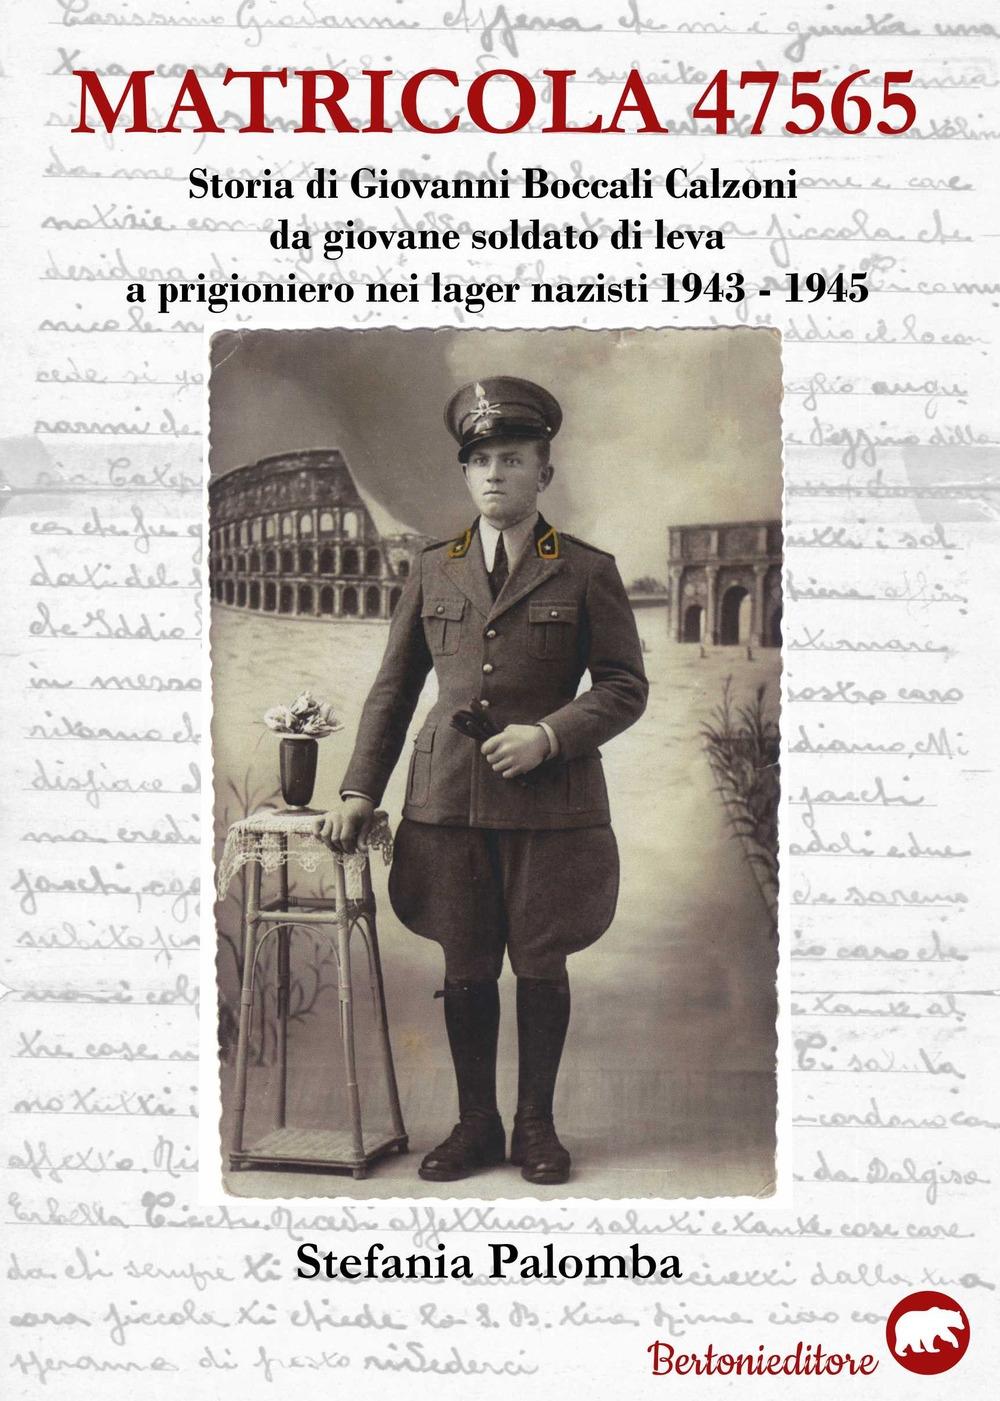 Matricola 47565. Storia di Giovanni Boccali Calzoni da giovane soldato di leva a prigioniero nei lager nazisti 1943-1945